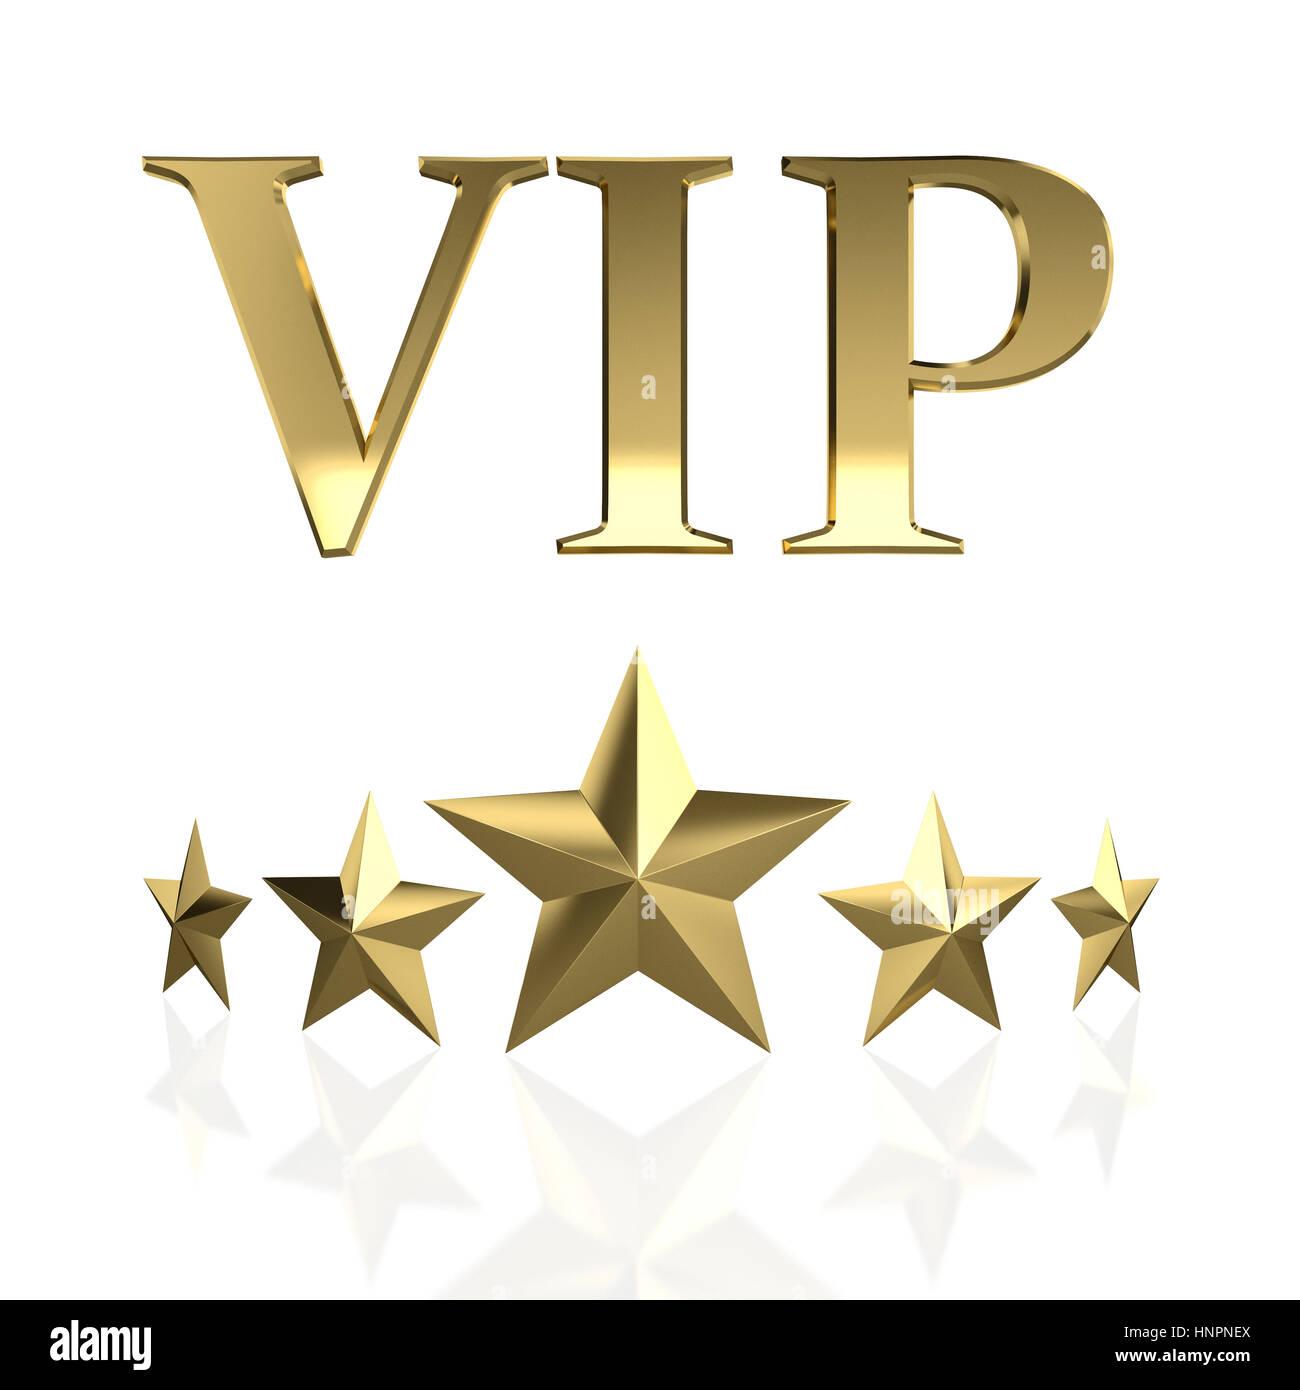 vip golden status 3d rendering image - Stock Image